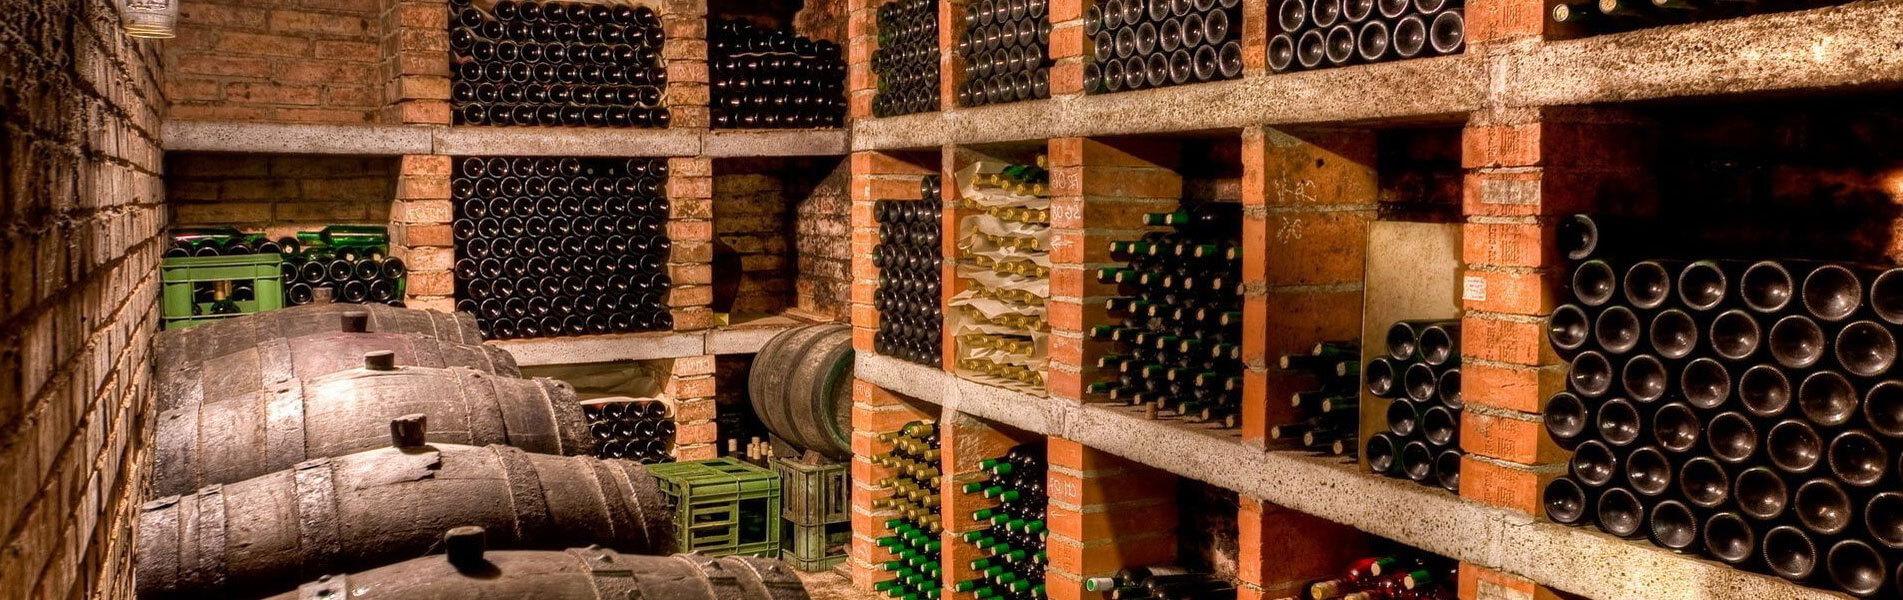 Vinolioub - French niche wines